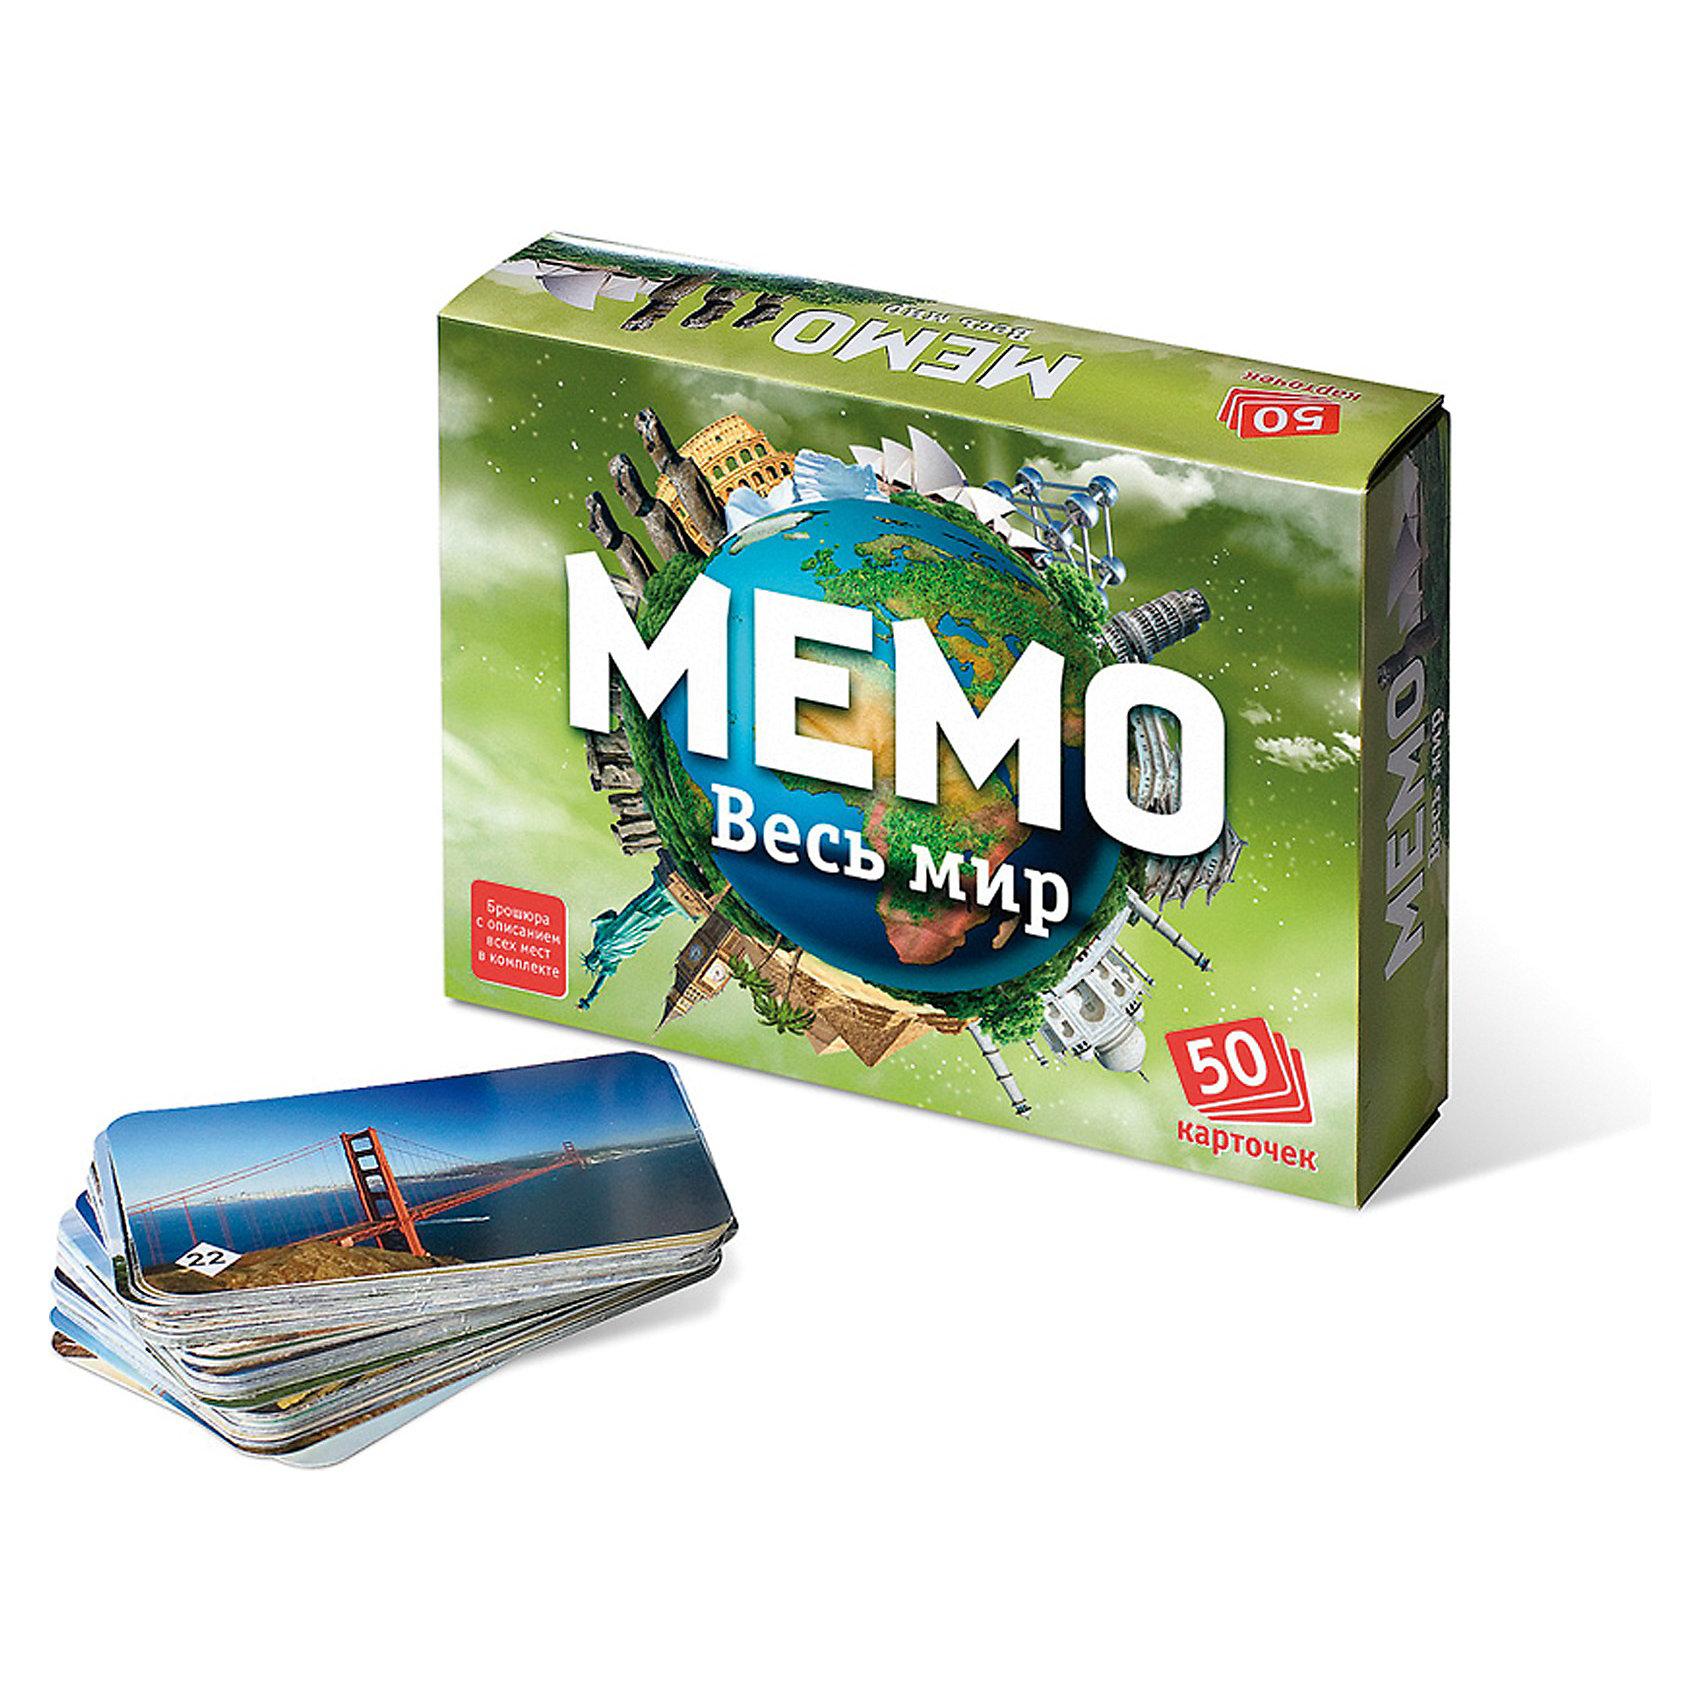 Игра Мемо. Весь мирИгра Мемо Весь мир – это полезная познавательная игра с простыми правилами обязательно понравится вашему ребенку.<br>Мемо - это игра для тренировки зрительной памяти. В состав игры входит 50 парных карточек, то есть всего 25 пар карточек. Перед началом игры карточки перемешиваются и раскладываются на столе картинками вниз. Играют несколько игроков. В свой ход игрок переворачивает 2 любые карточки и показывает их остальным игрокам. Если карточки одинаковые, игрок забирает их себе и делает еще один ход. Если разные - переворачивает их и кладет обратно, а ход переходит к следующему игроку. Выигрывает игрок, собравший к концу игры наибольшее количество карточек. Игра Мемо Весь мир будет интересна еще и с познавательной точки зрения. На карточках изображены всемирно известные памятники архитектуры со всего мира: Эйфелева башня, Великая Китайская стена, Пирамида Чичен Ица, Тадж Махал, Колизей, Биг Бен, Статуя Свободы и другие. В состав входит буклет с описанием всех мест, изображённых на карточках. Ваши дети не только потренируют память, но и узнают много нового. Можно разнообразить игру, например, ввести правило, называть изображения на карточках, которые удалось открыть. Или находить на карте места их расположения. Игра Мемо помогает развить память, она очень полезна для дошкольников и младших школьников. В такую игру можно играть вдвоем с ребенком, а можно использовать ее на детских праздниках, когда требуется немного успокоить детей. Игра будет интересна и взрослым в качестве простой, недолгой, увлекательной игры. Карточки занимают достаточно мало места, их можно взять с собой в поездку.<br><br>Дополнительная информация:<br><br>- Возраст: для детей от 5 лет<br>- Вес: 132 гр.<br>- Размер упаковки: 12,5 x 17 x 4 см<br>- Размер карточек: 6,3 х 9,3 см.<br>- В наборе: 25 пар картонных карточек с изображением мировых достопримечательностей, буклет с описанием достопримечательностей<br><br>Игру Мемо Весь мир можно купить в нашем интернет-магазине.<br><br>Ш